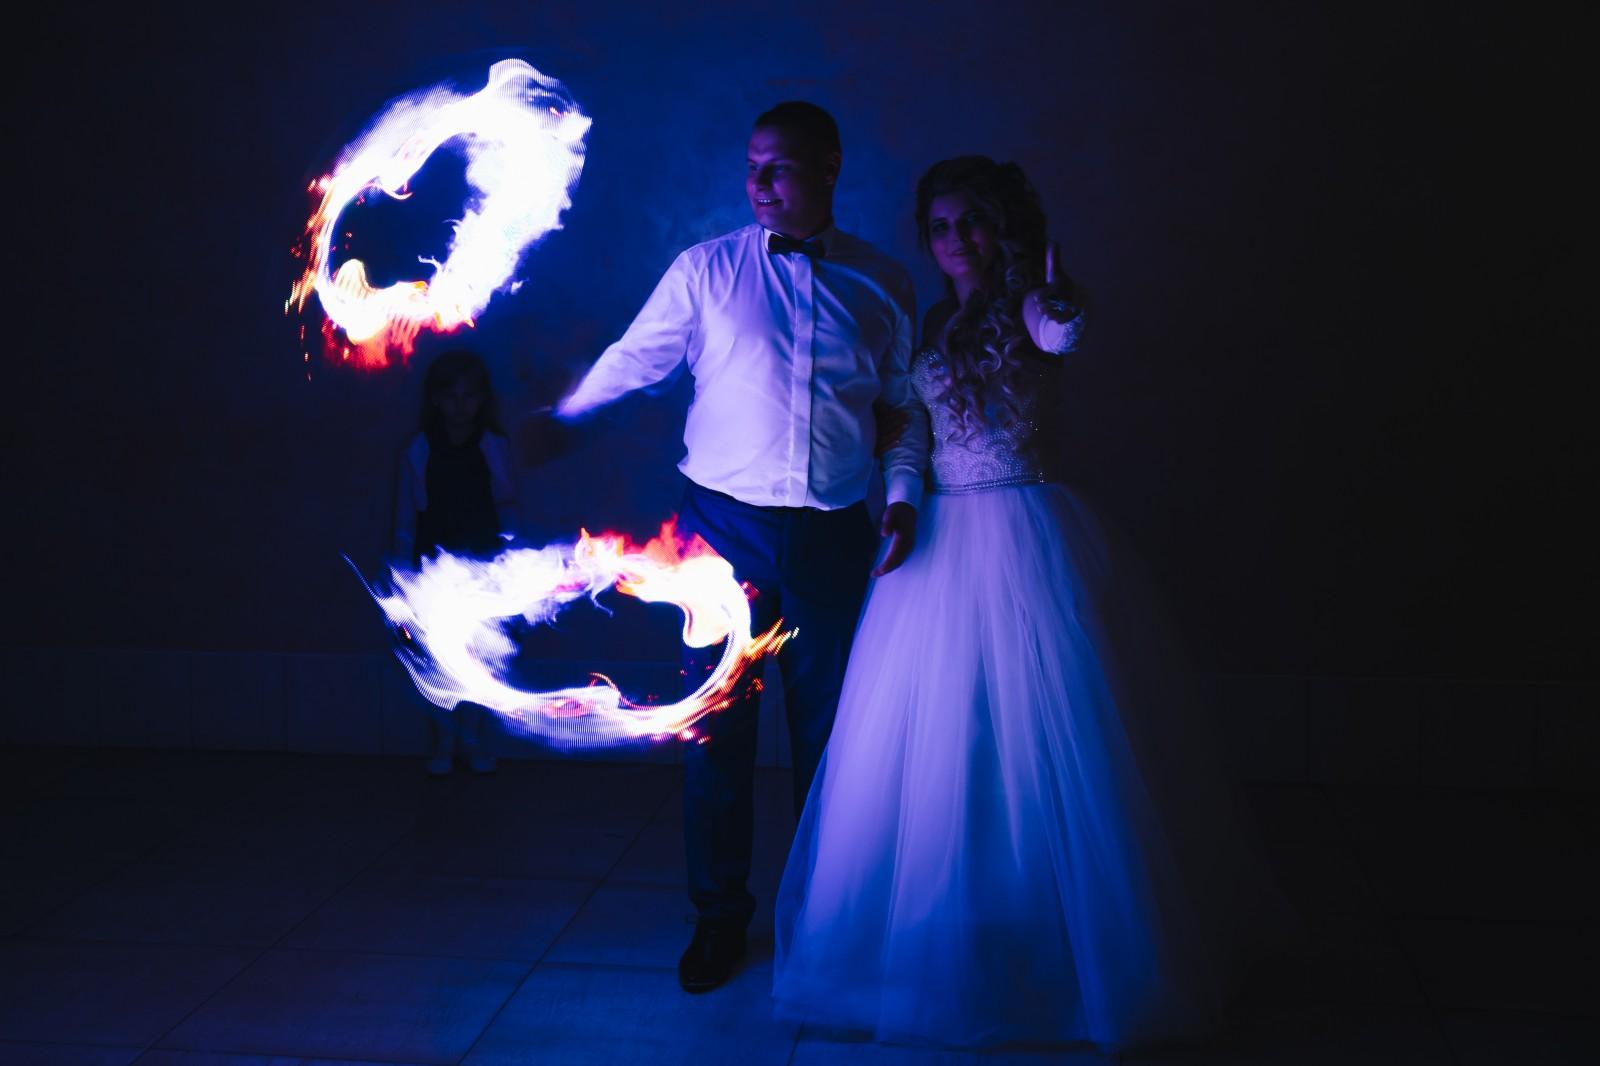 Файершоу для свадьбы в новошахтинска